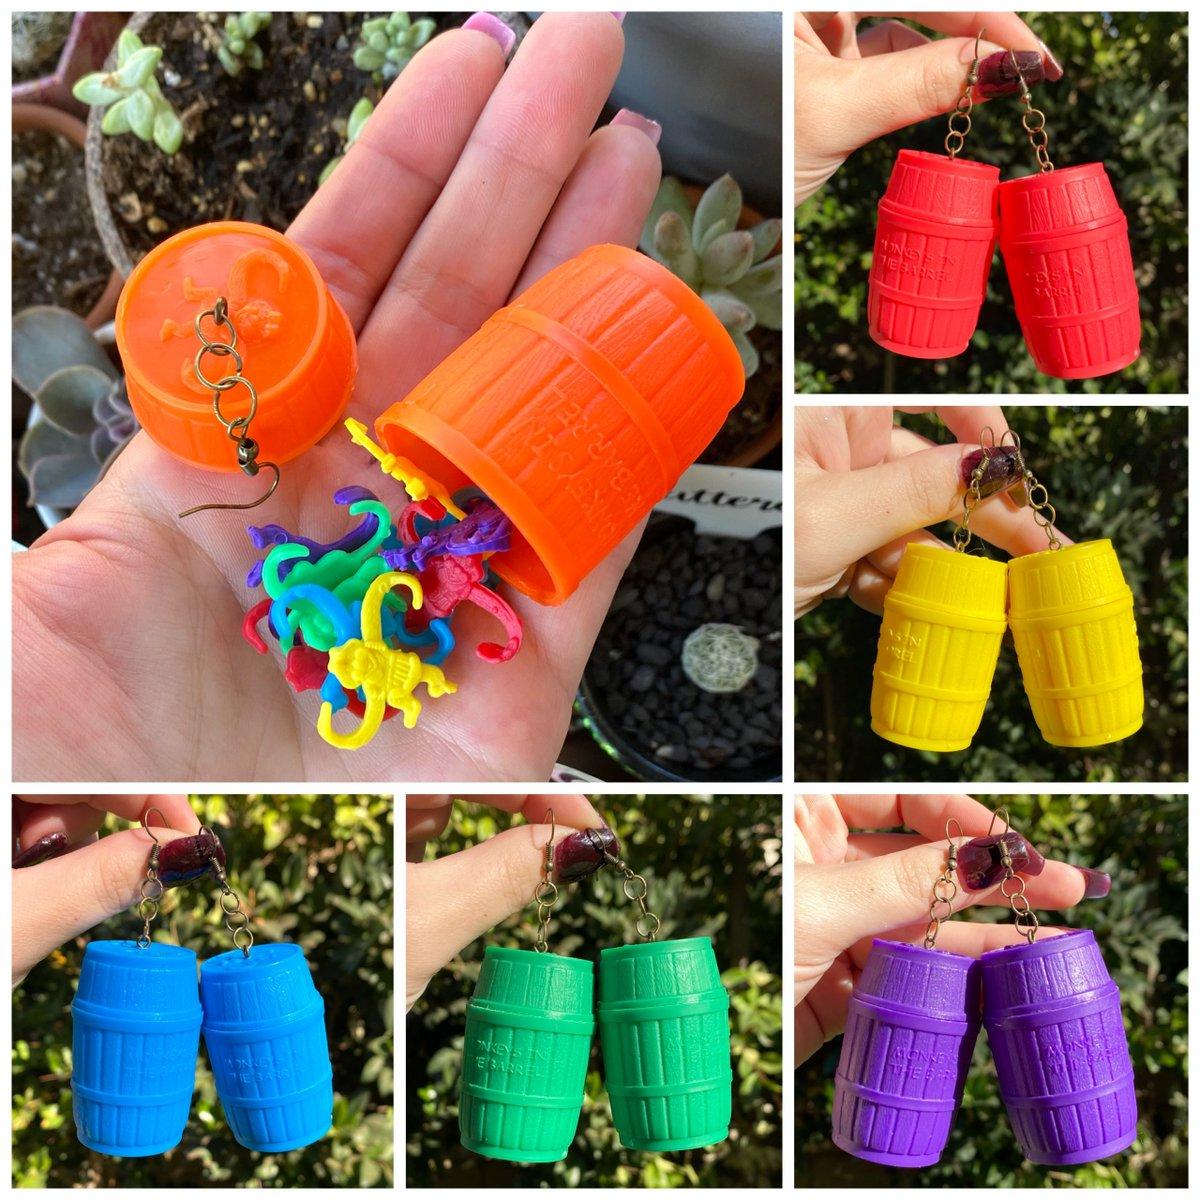 Barrel of Monkeys Earrings #smallbusiness #shopsmall #jewelry #handmadejewelry #handmade #womanowned #shop #forsale #weirdearrings #lesbianearrings #makers